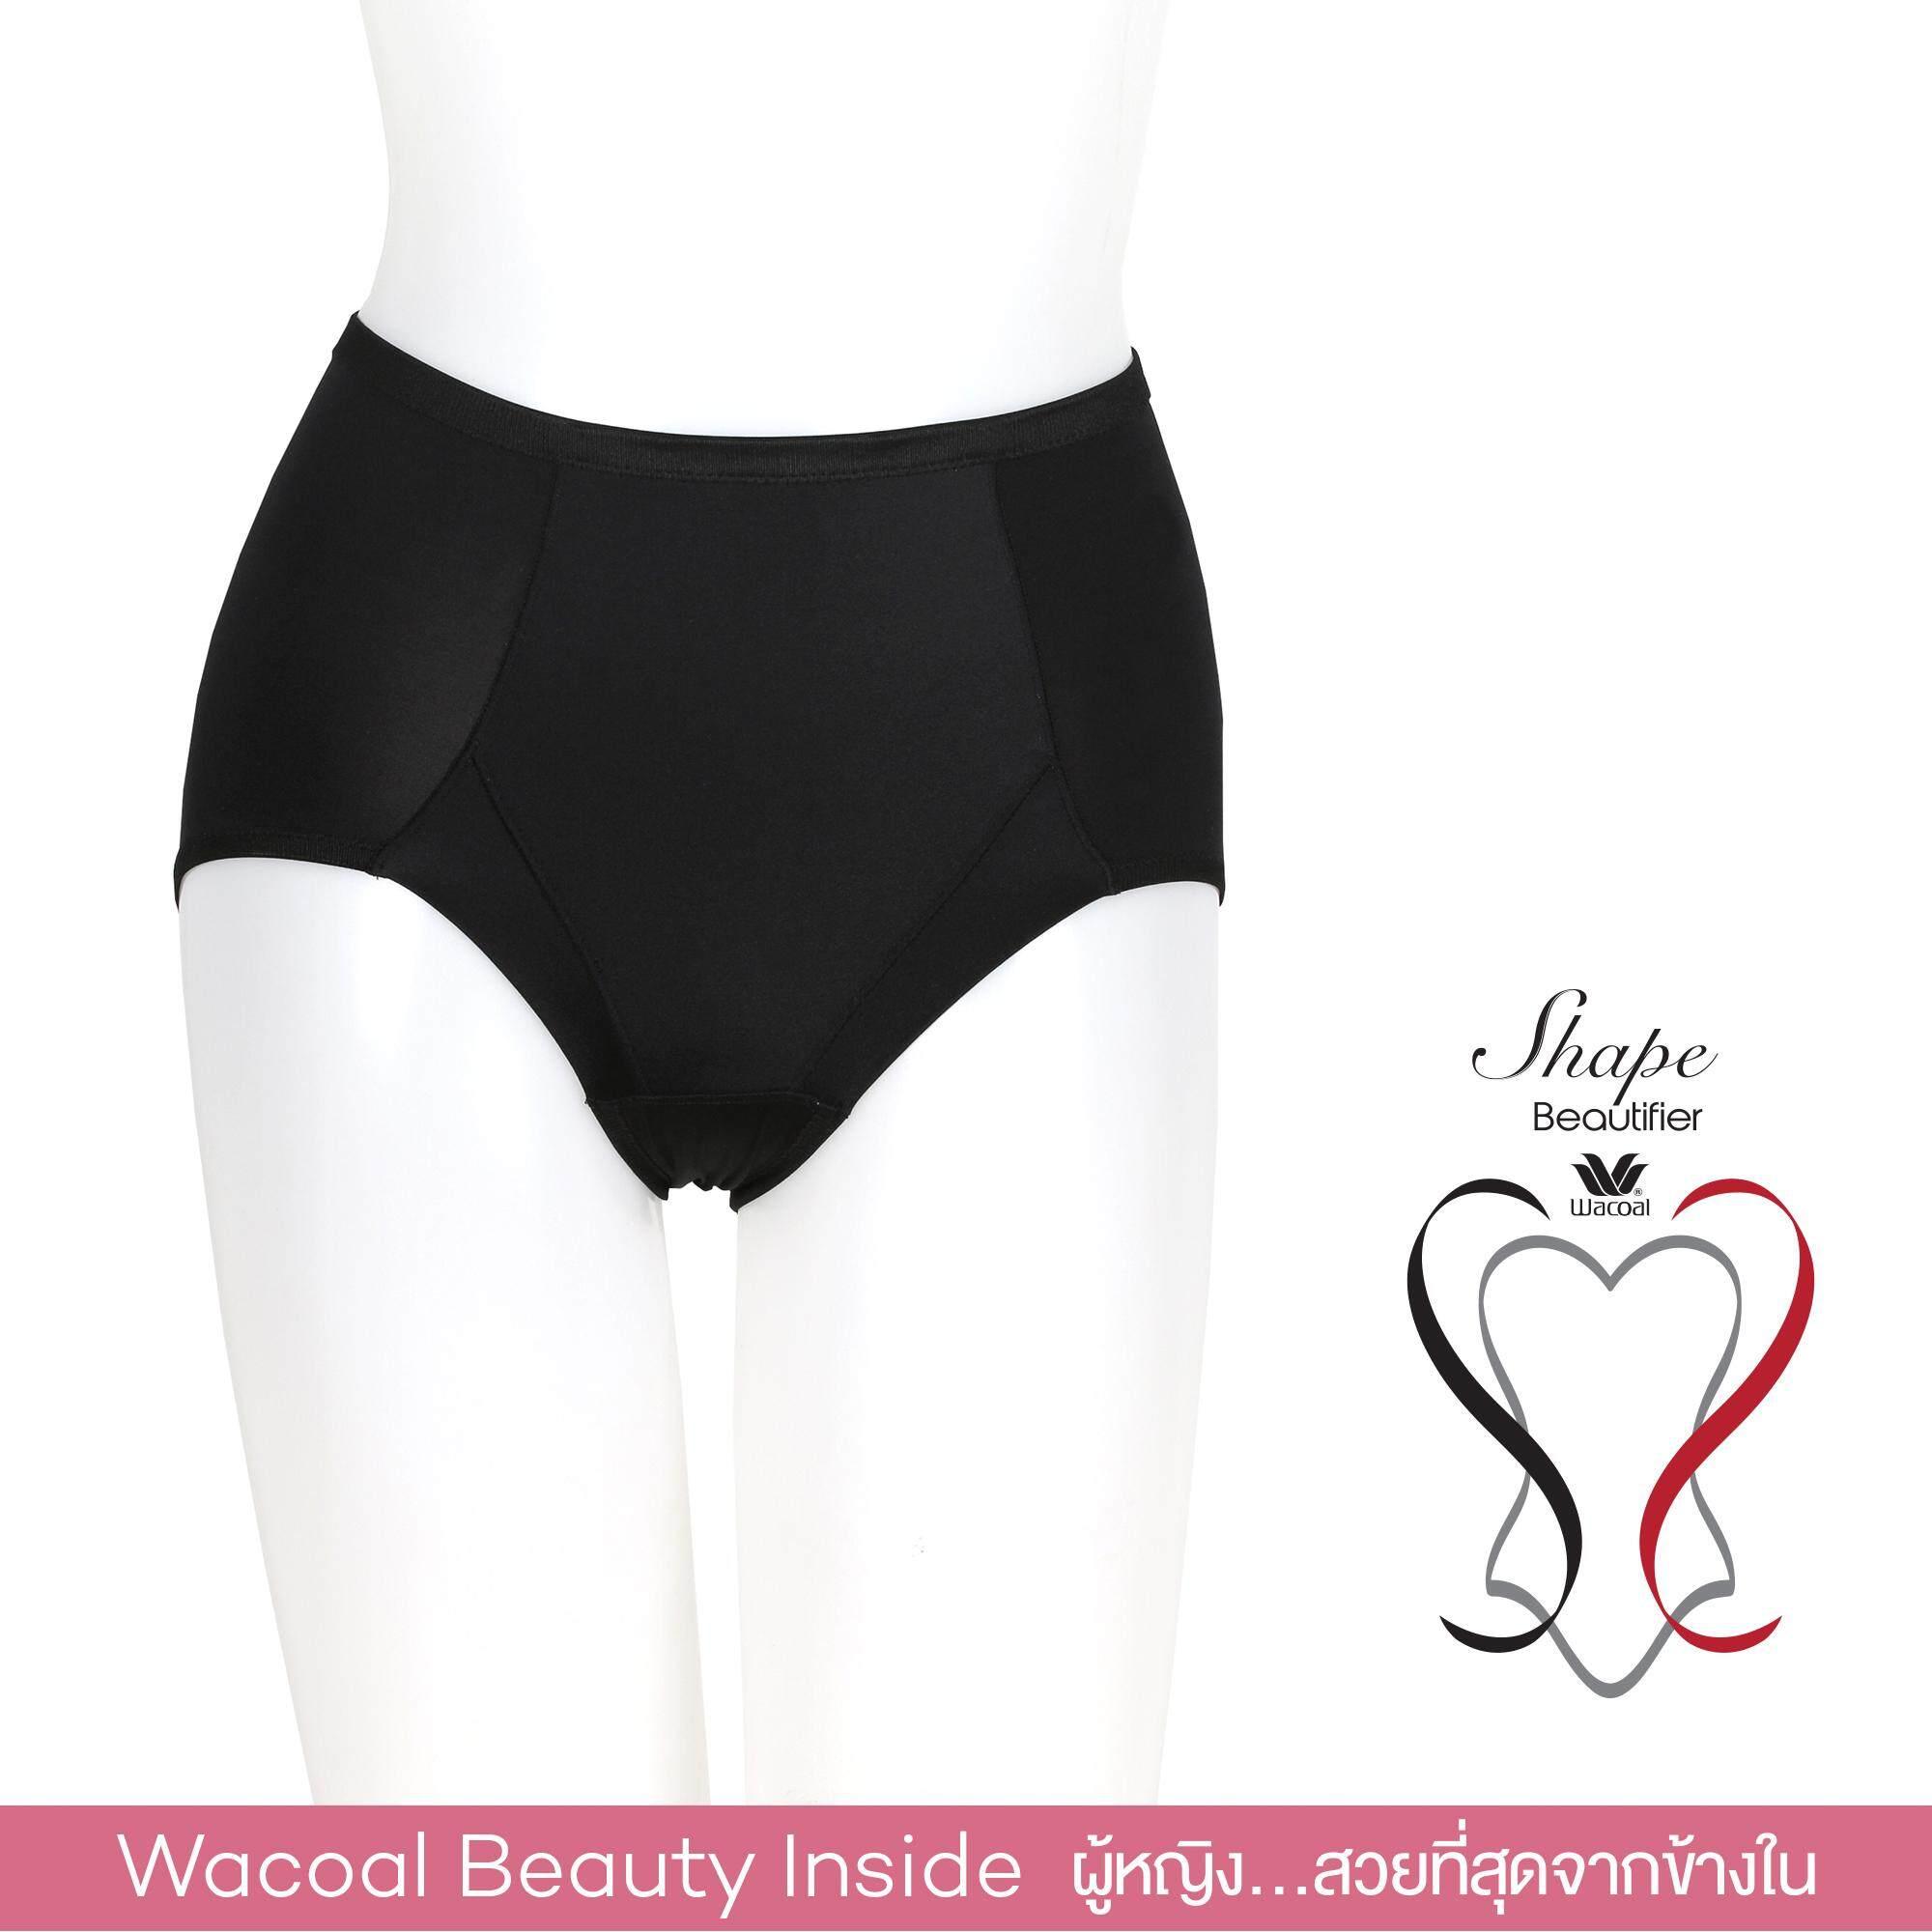 Wacoal Shape Beautifier Pants กางเกงเก็บกระชับ - WY9102